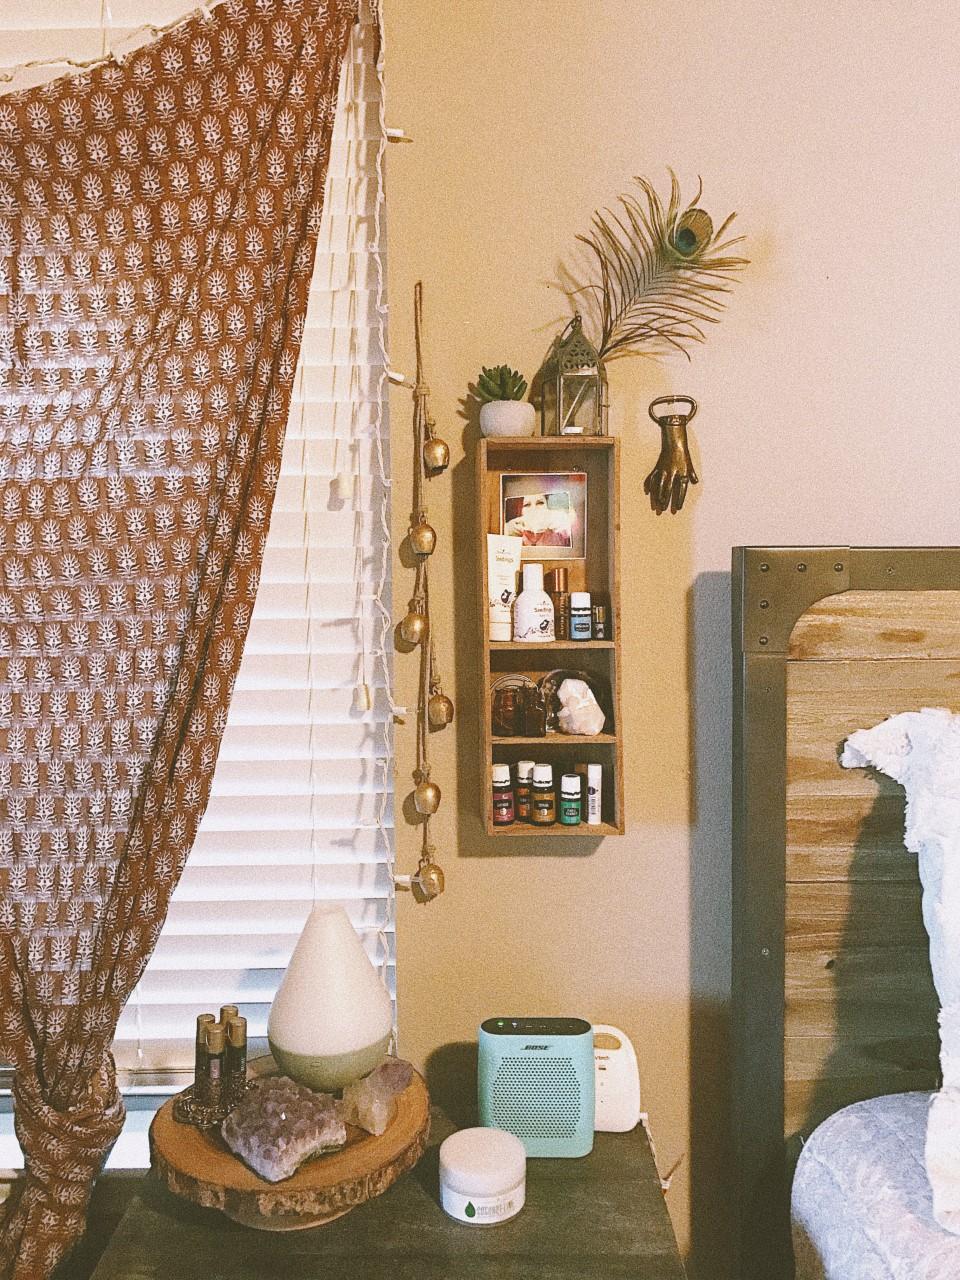 Bedroom Oily Station via mamabirdlittlewing.com